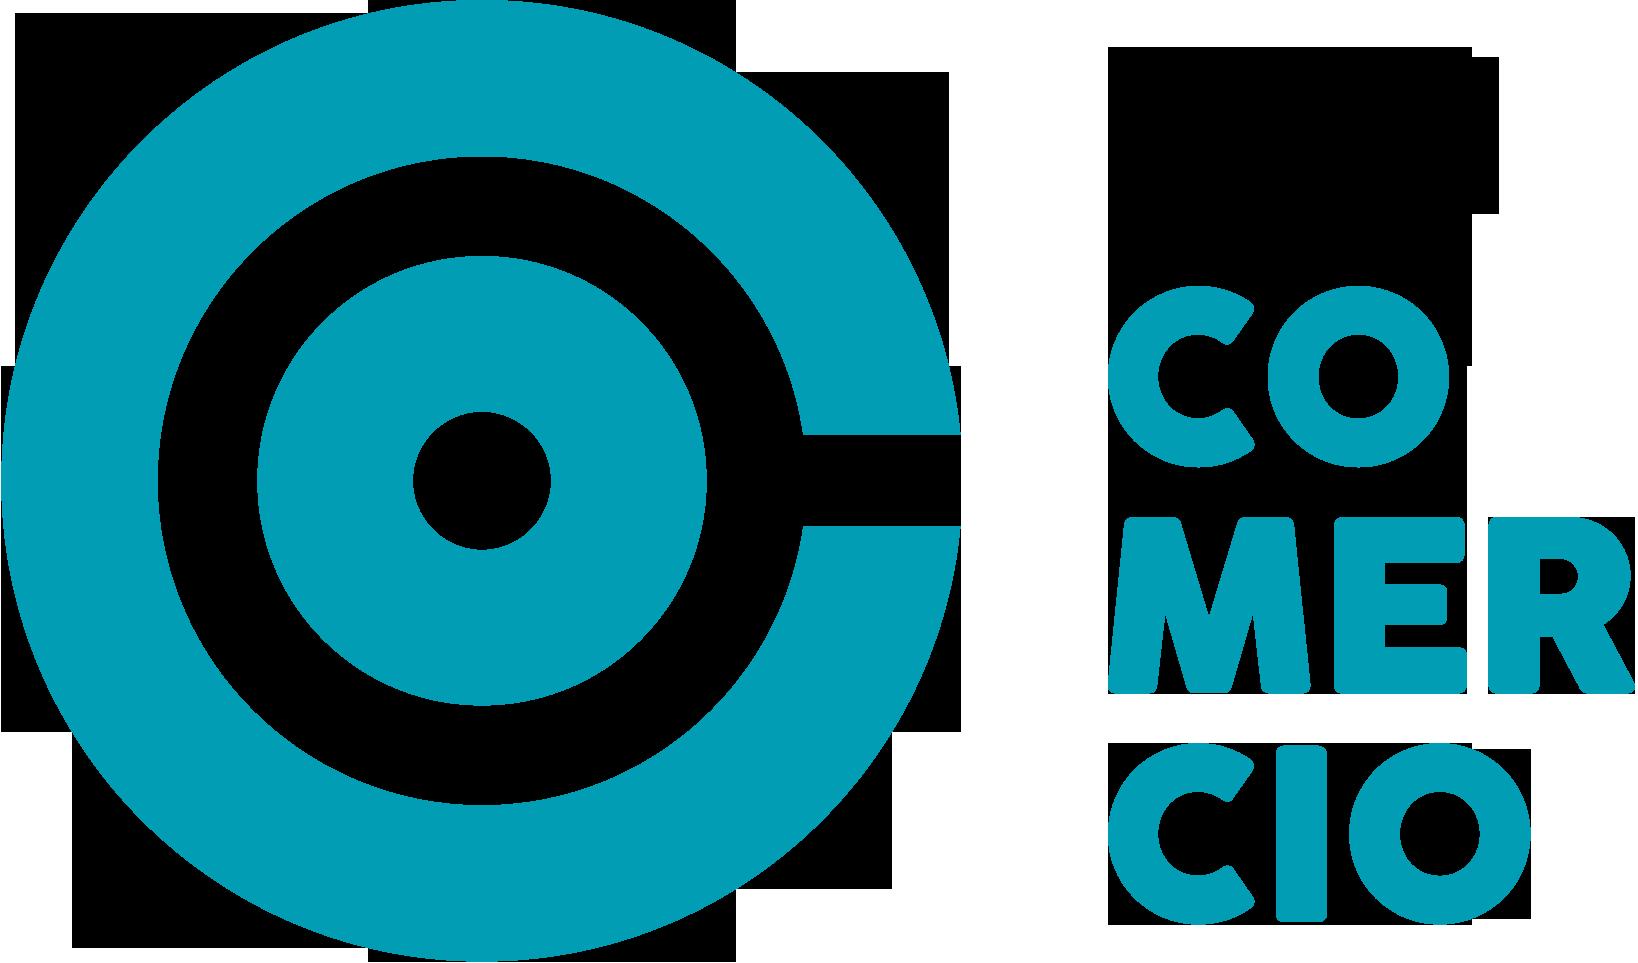 Logotipo IES Comercio